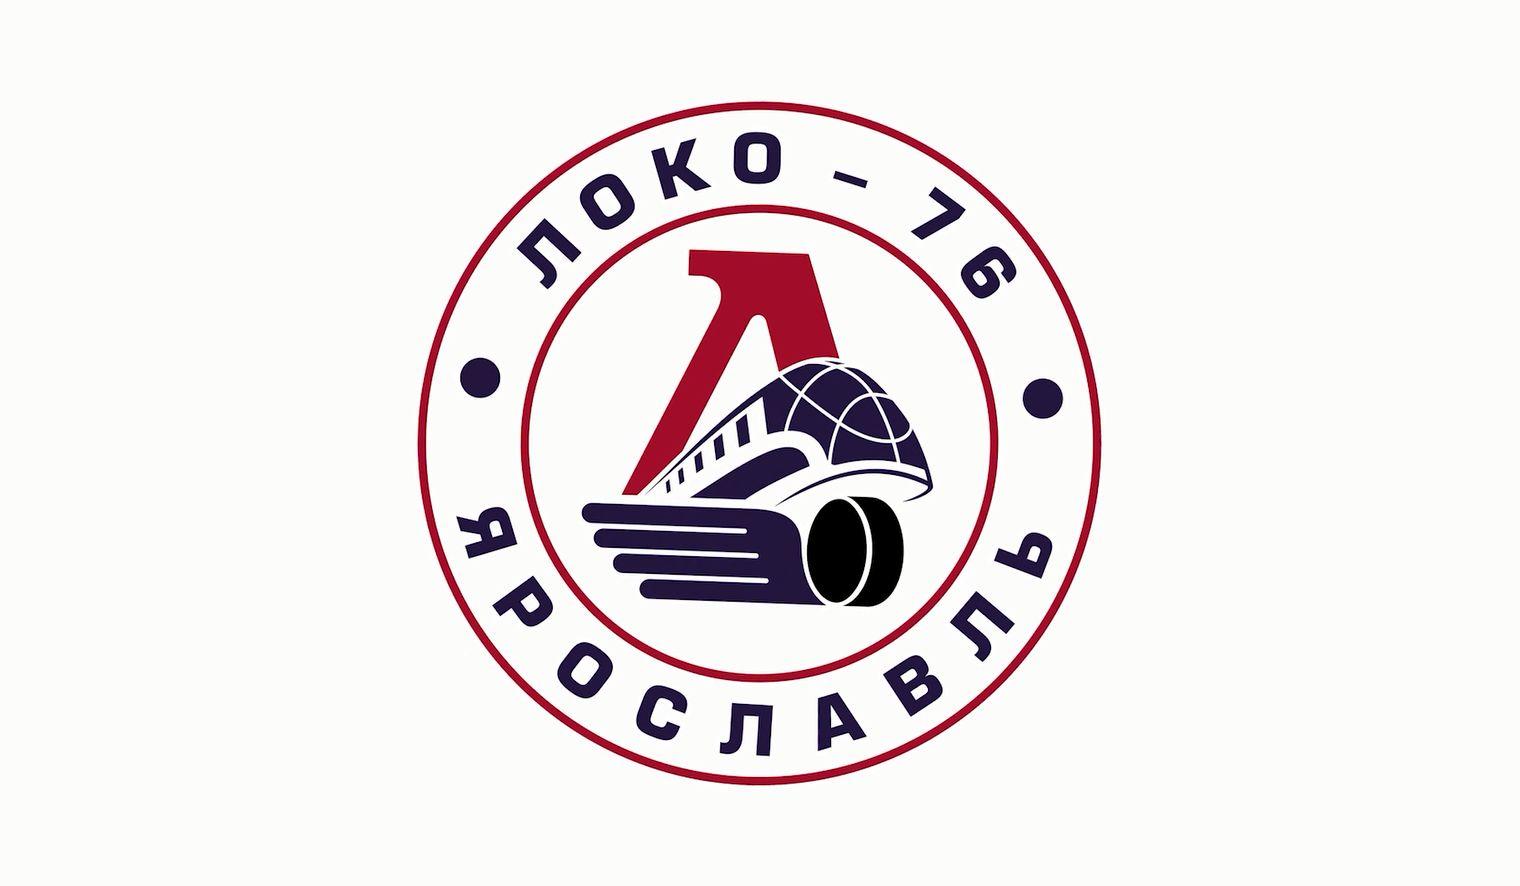 В Ярославле «Локо-Юниор» прекращает свое существование: встречаем «Локо-76»